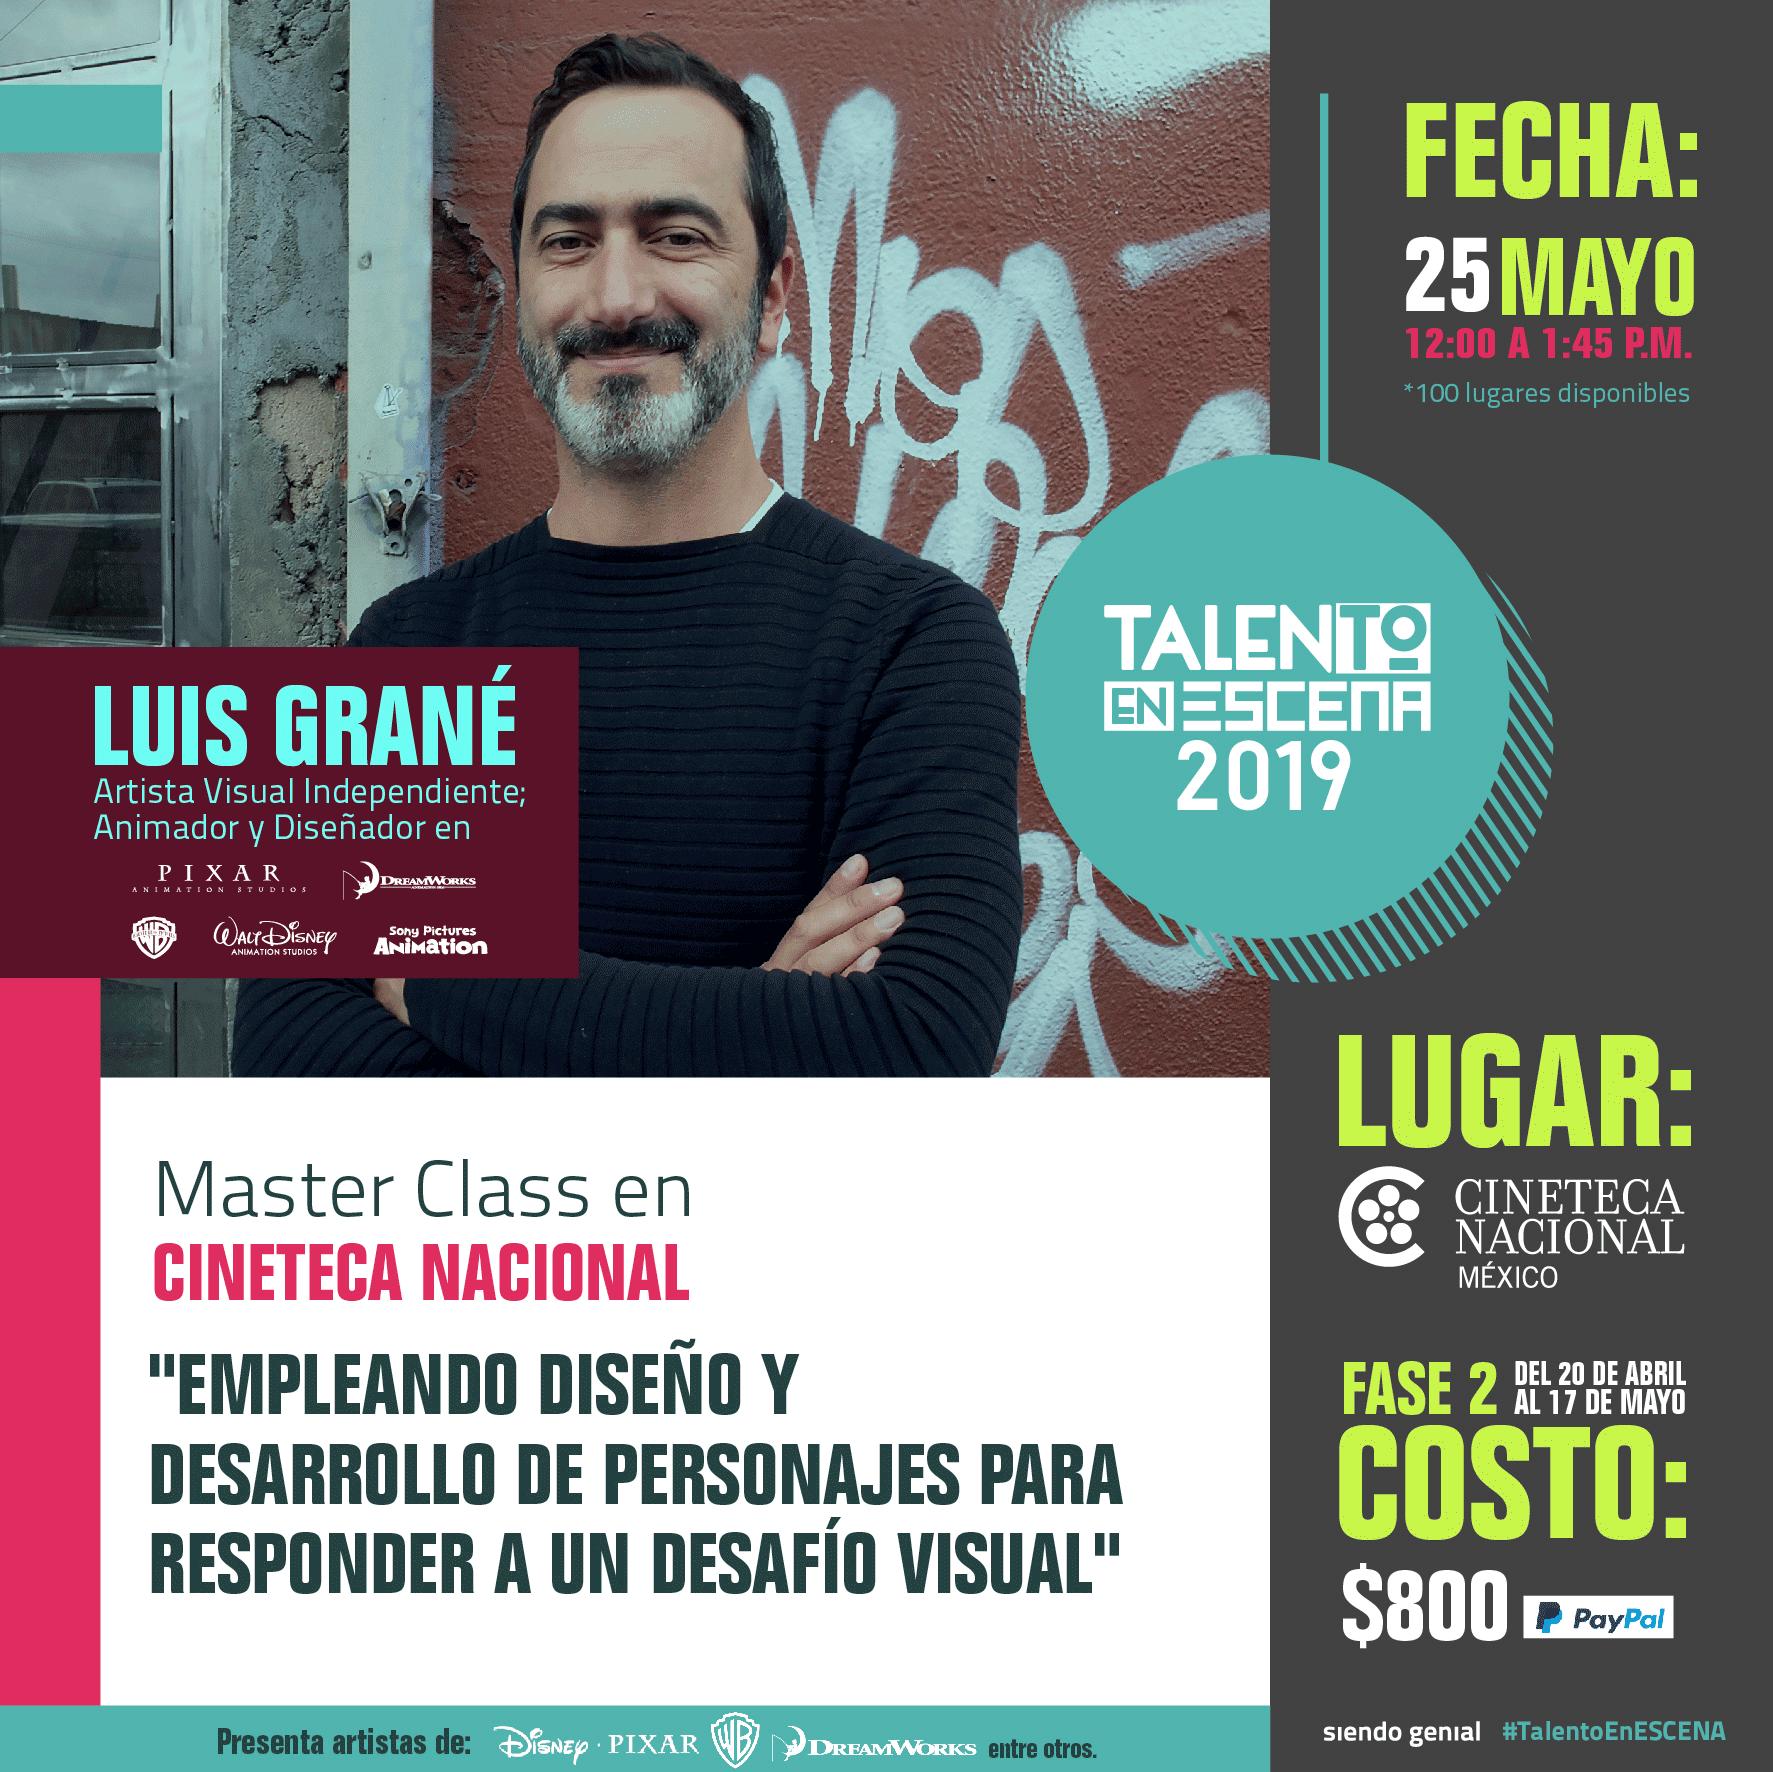 Talento en ESCENA 2019: Luis Grané